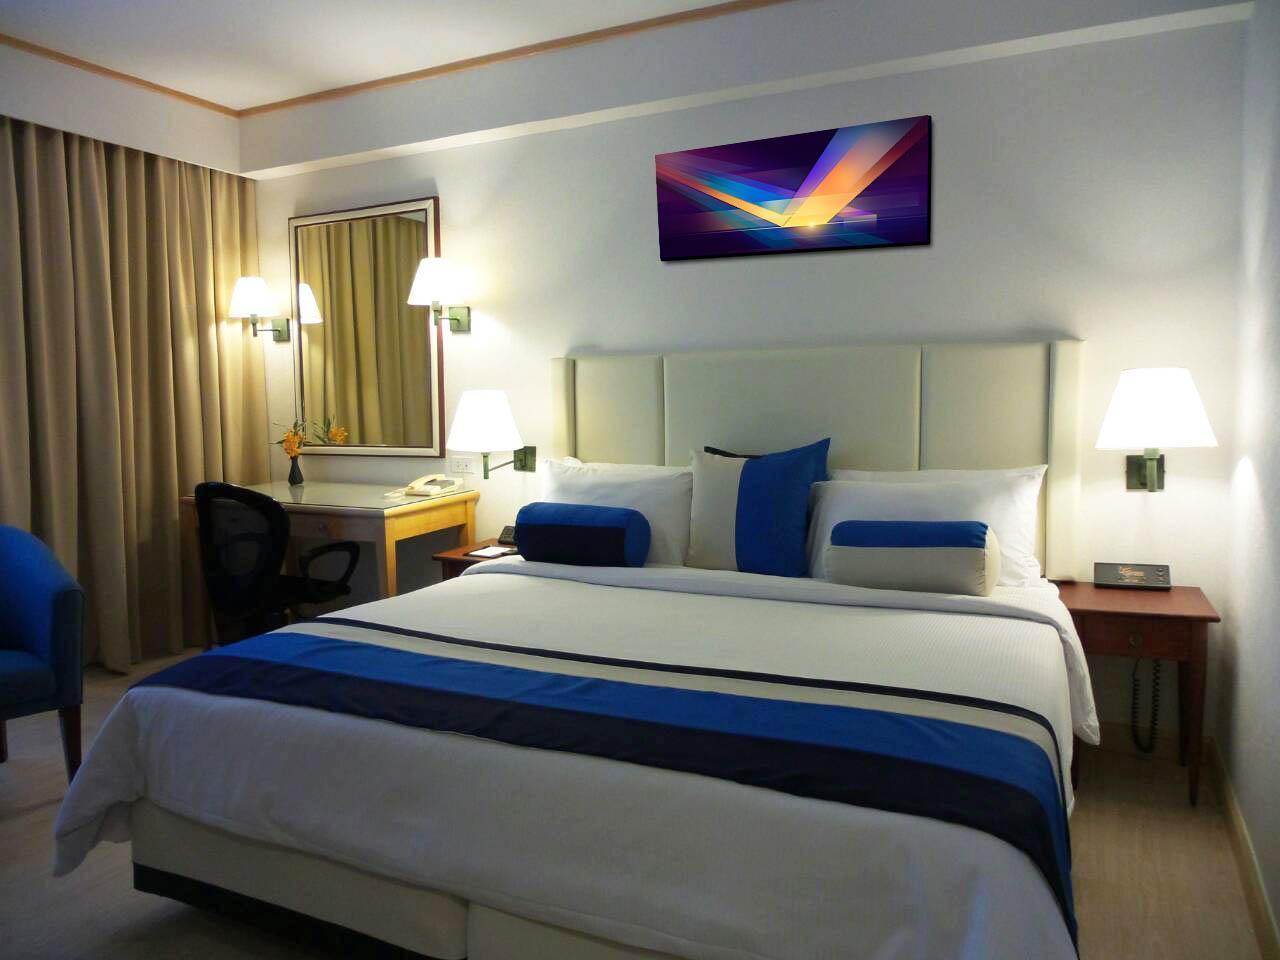 Four Wings Hotel โรงแรมโฟร์วิงส์